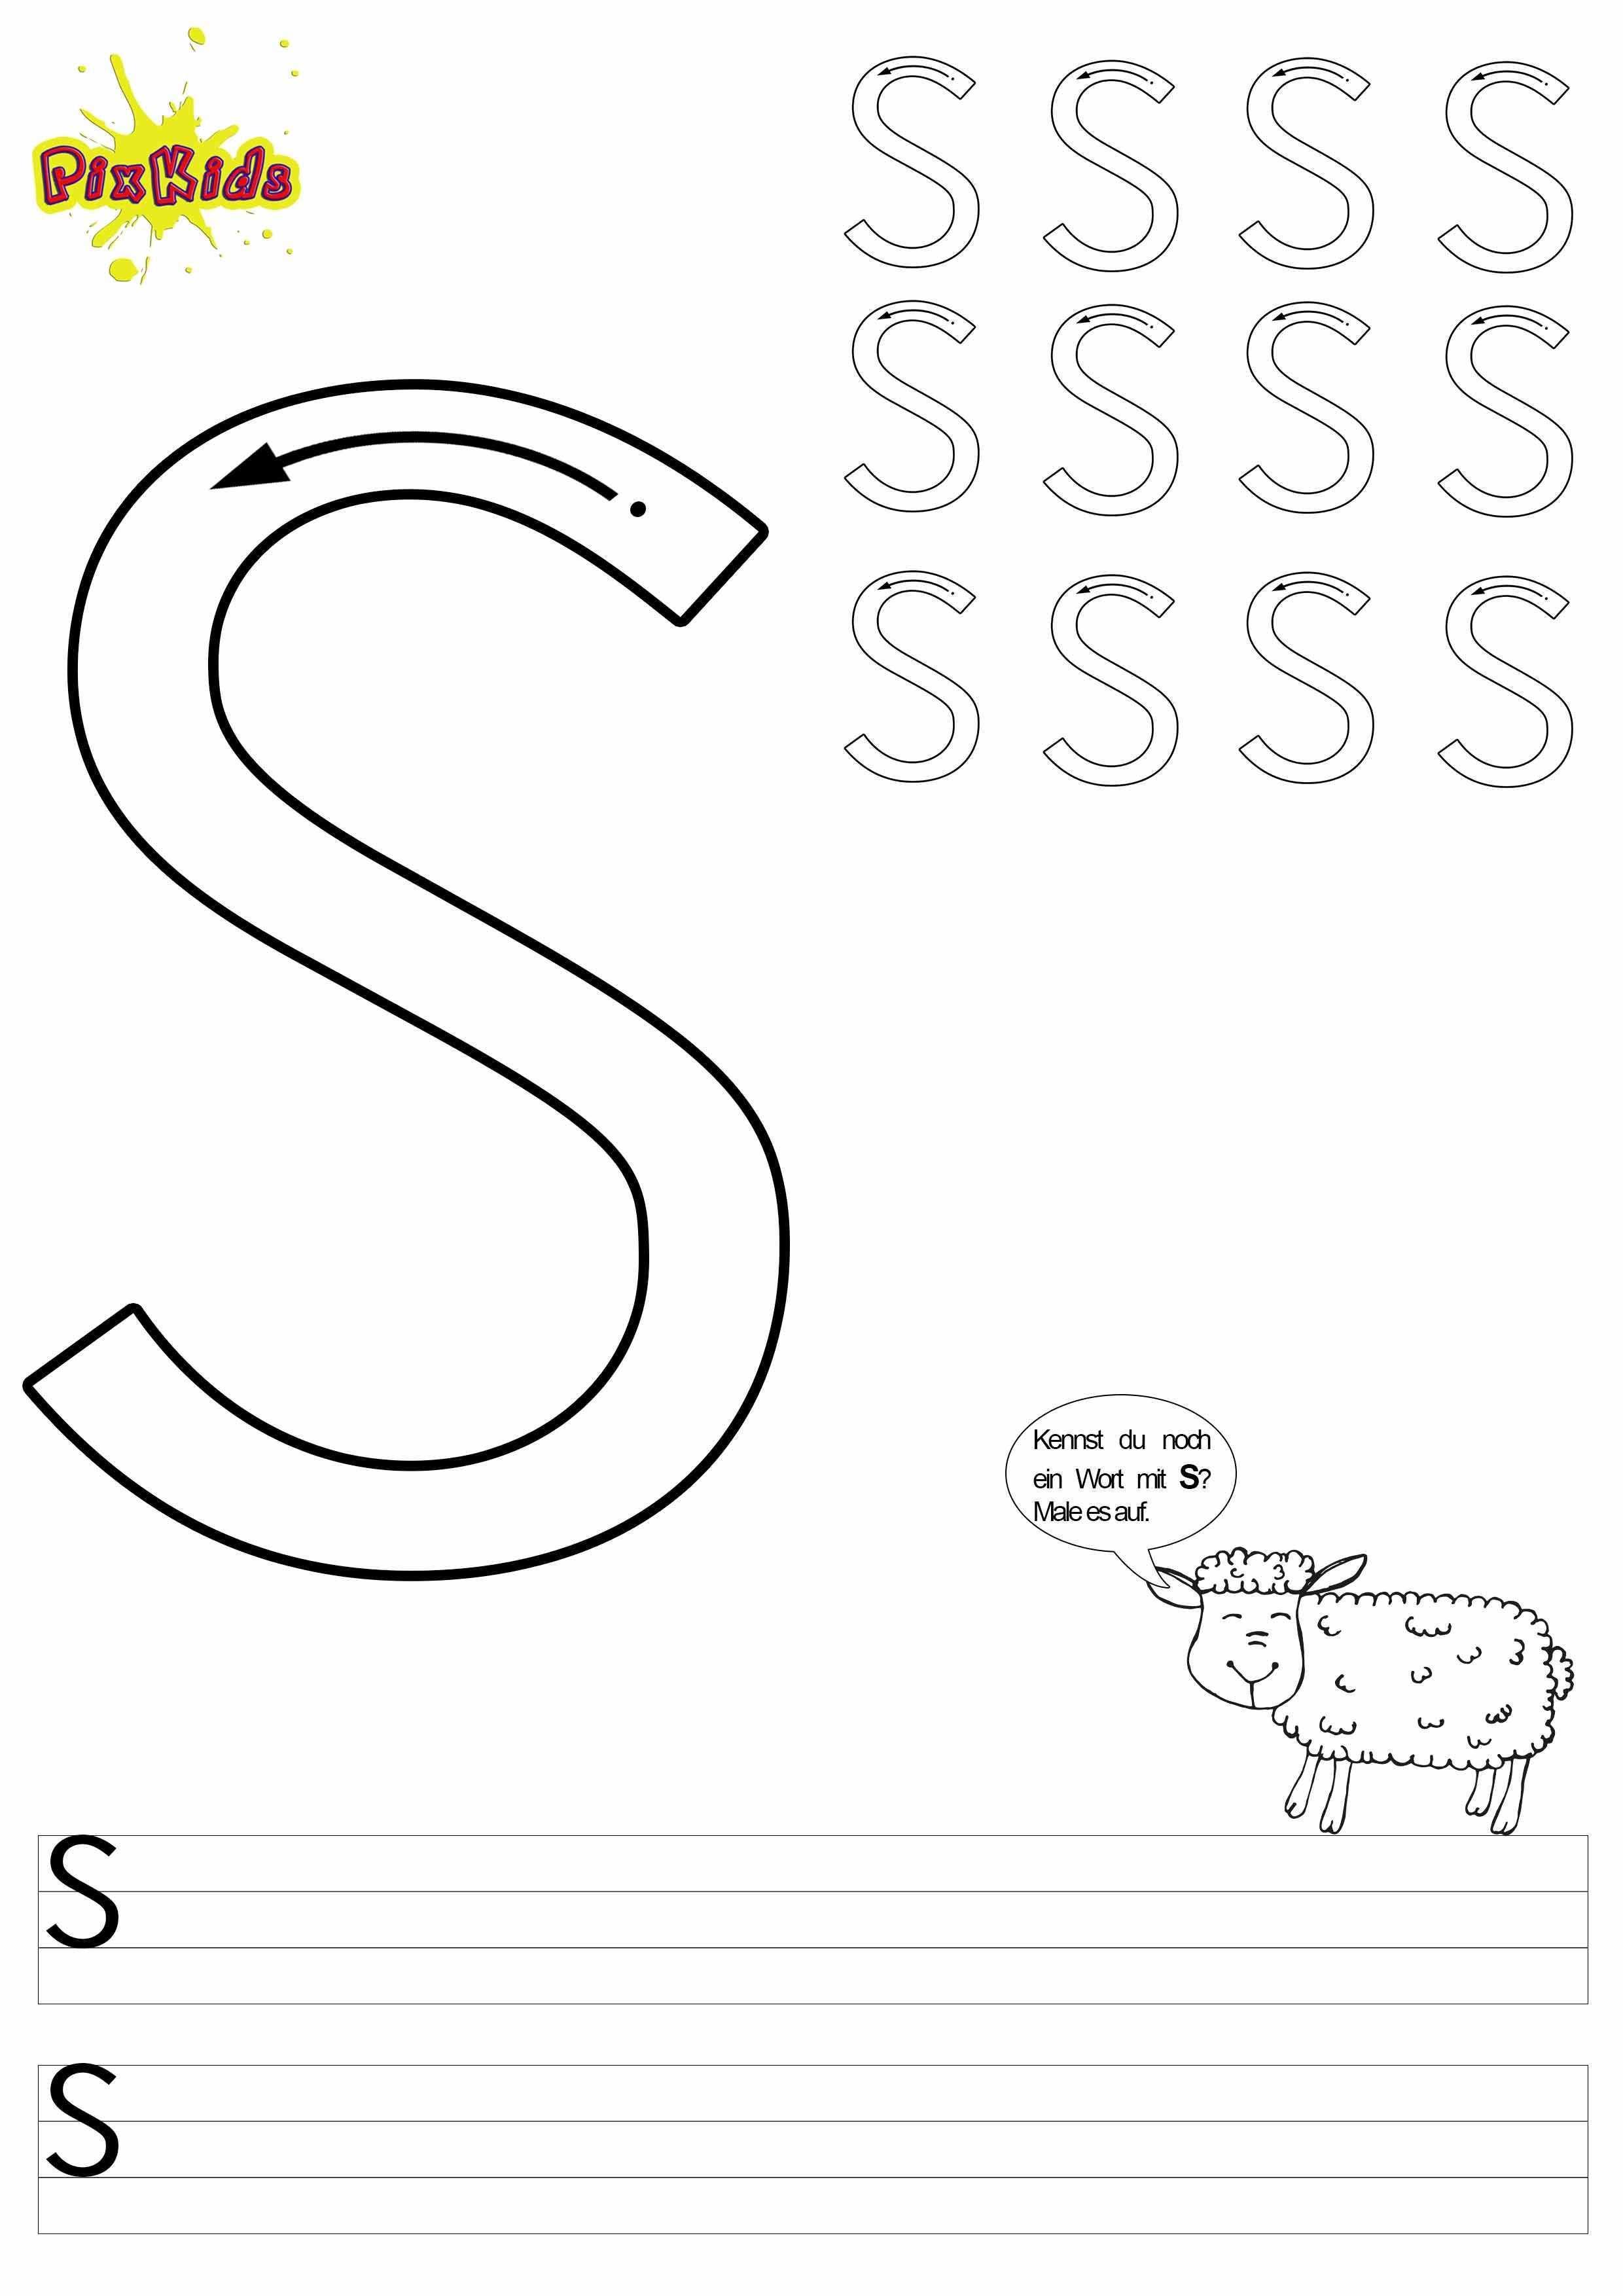 Vorlage Arbeitsblatt Schreiben Lernen Grundschule Vorschule Buchstaben Grossbuchstabe S Schreiben Lernen Arbeitsblatter Zum Ausdrucken Buchstaben Lernen